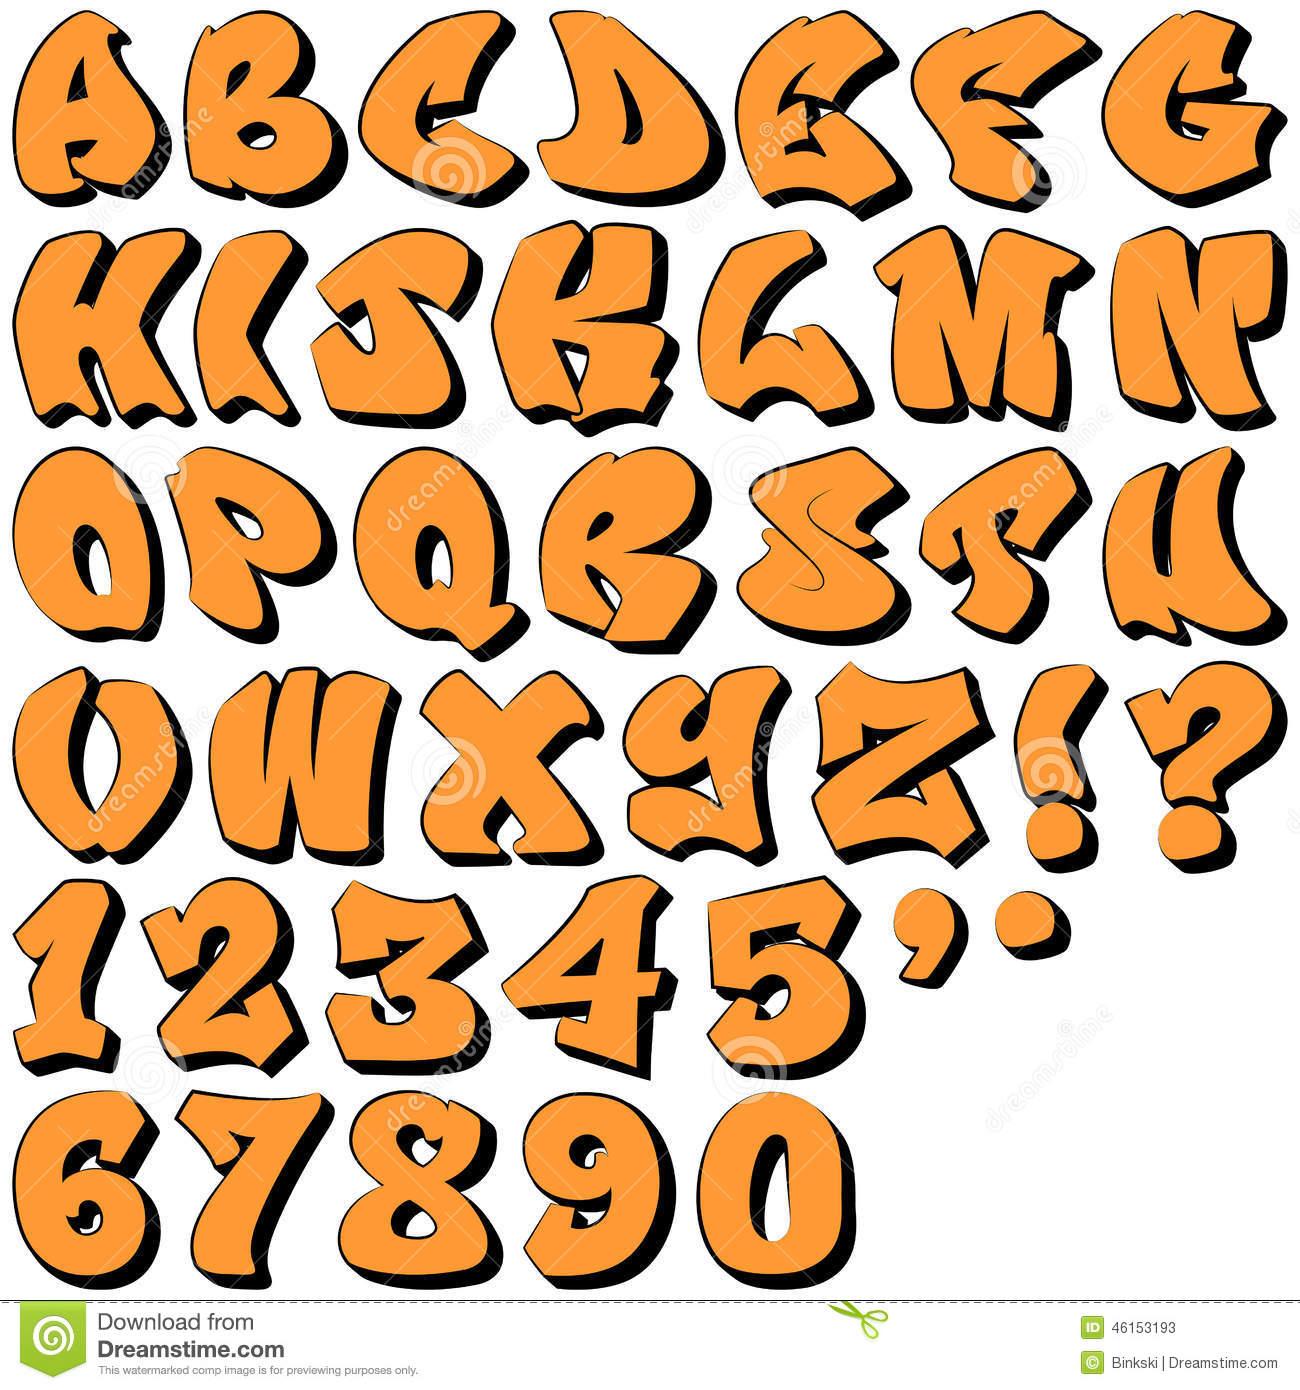 Graffiti-Buchstaben Und Zahlen Vektor Abbildung für Graffiti Schriftarten Abc